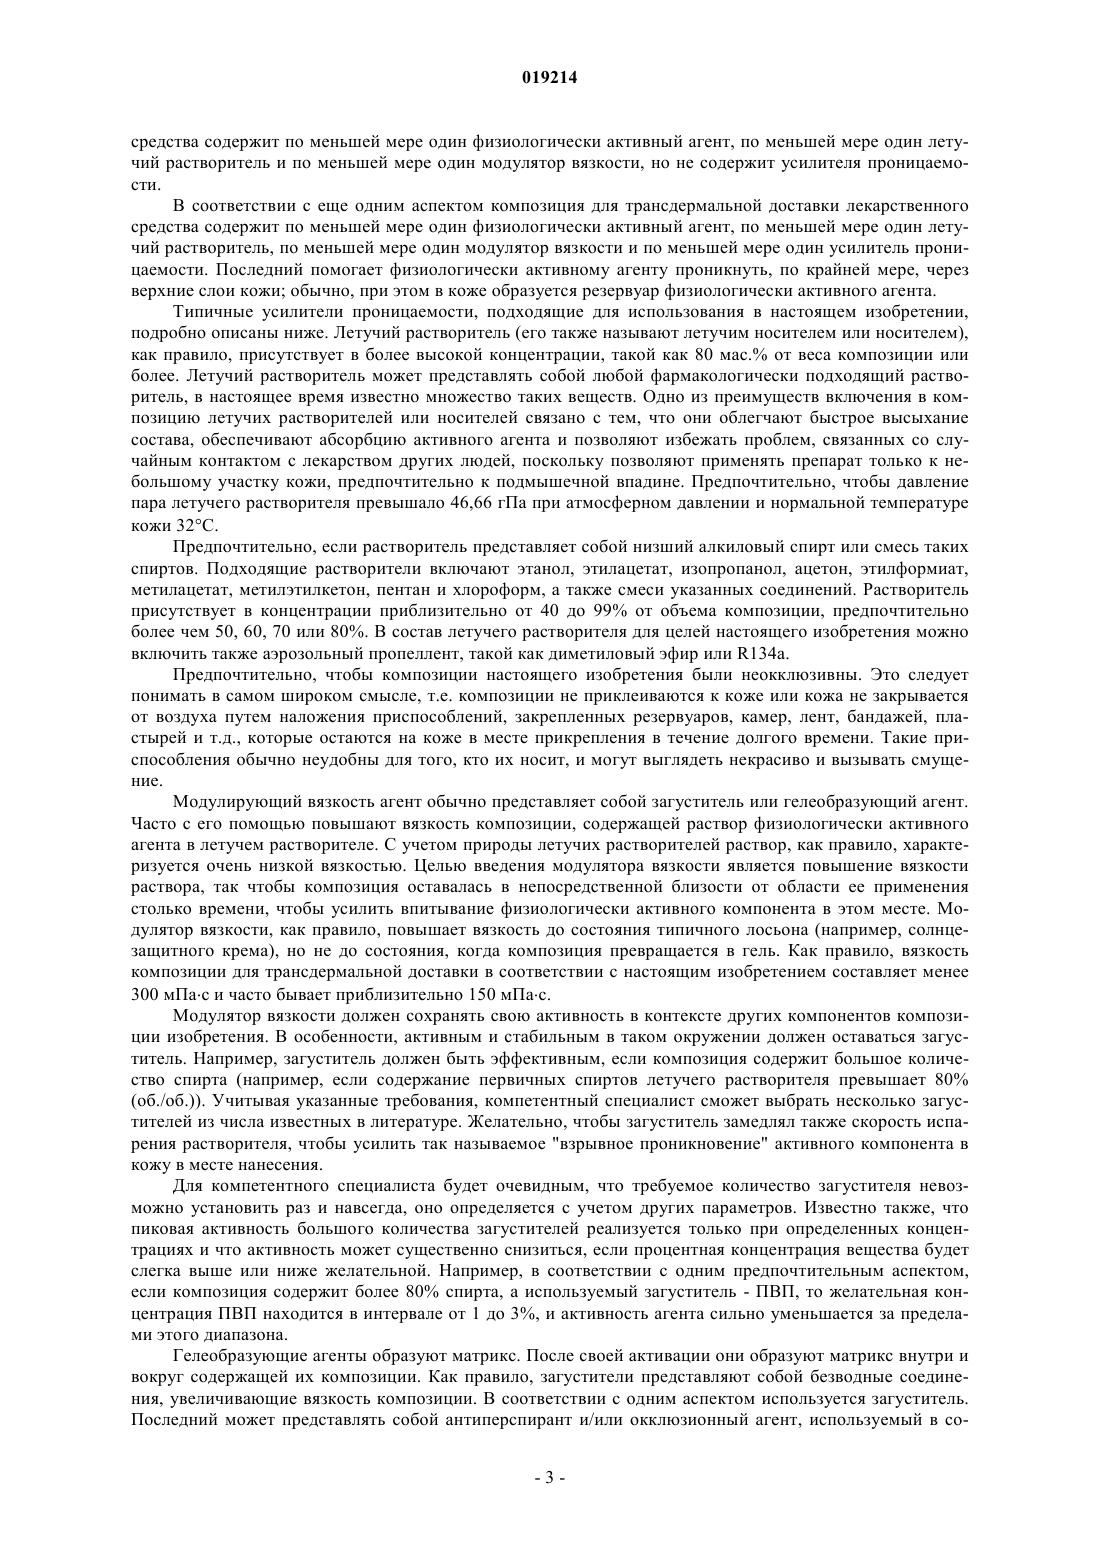 Хлоротиазид